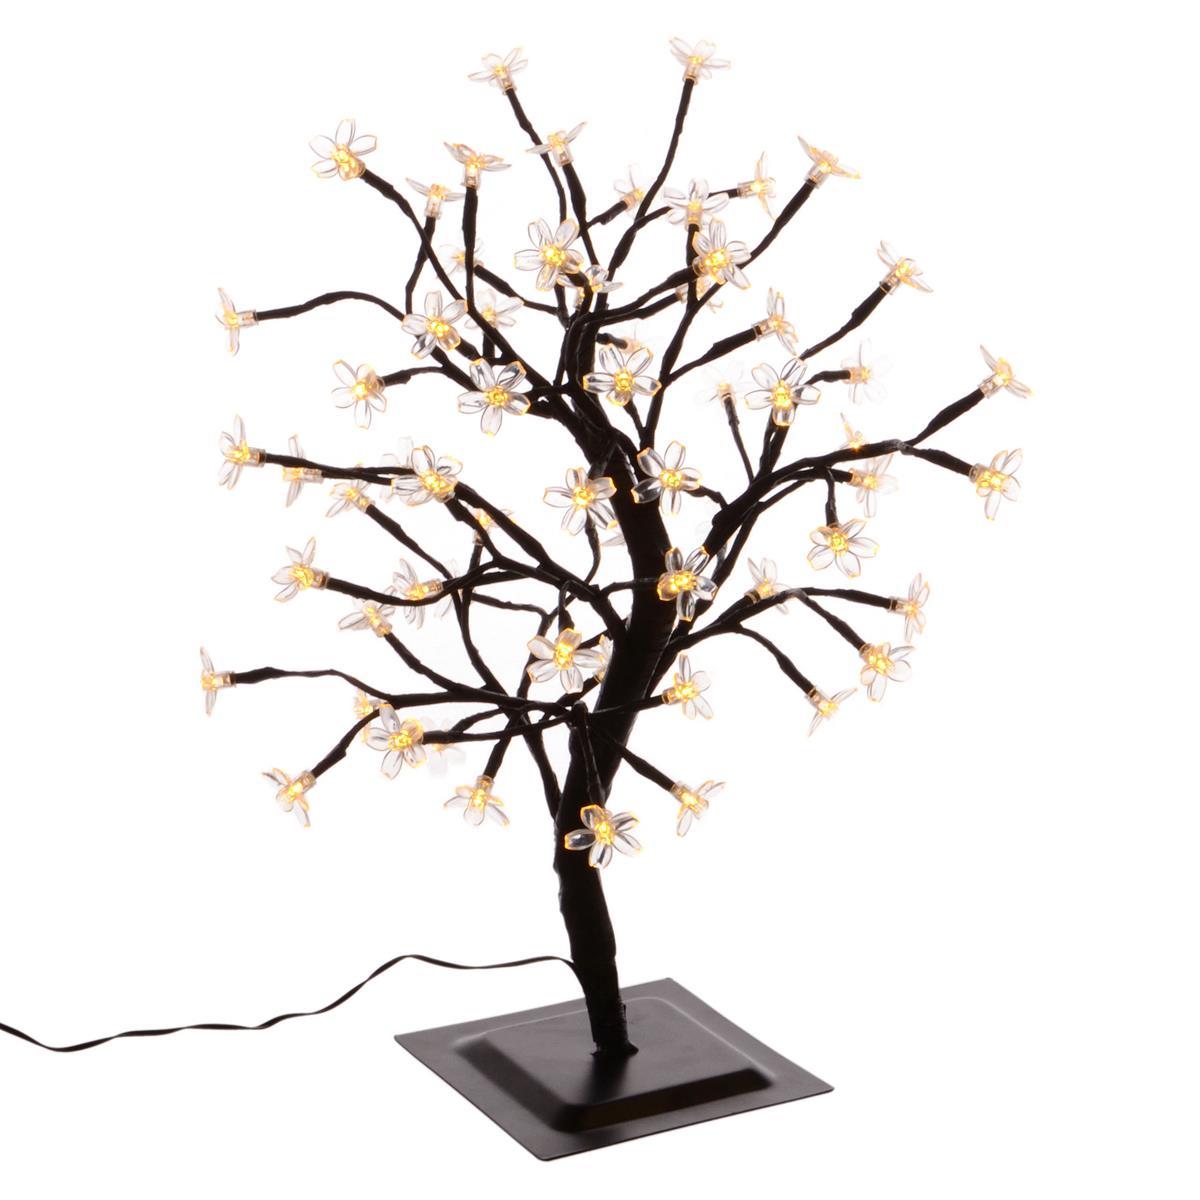 64er LED Lichterzweig Blütenbaum warm weiß H: 45 cm Lichterkette Xmas Leuchtdeko